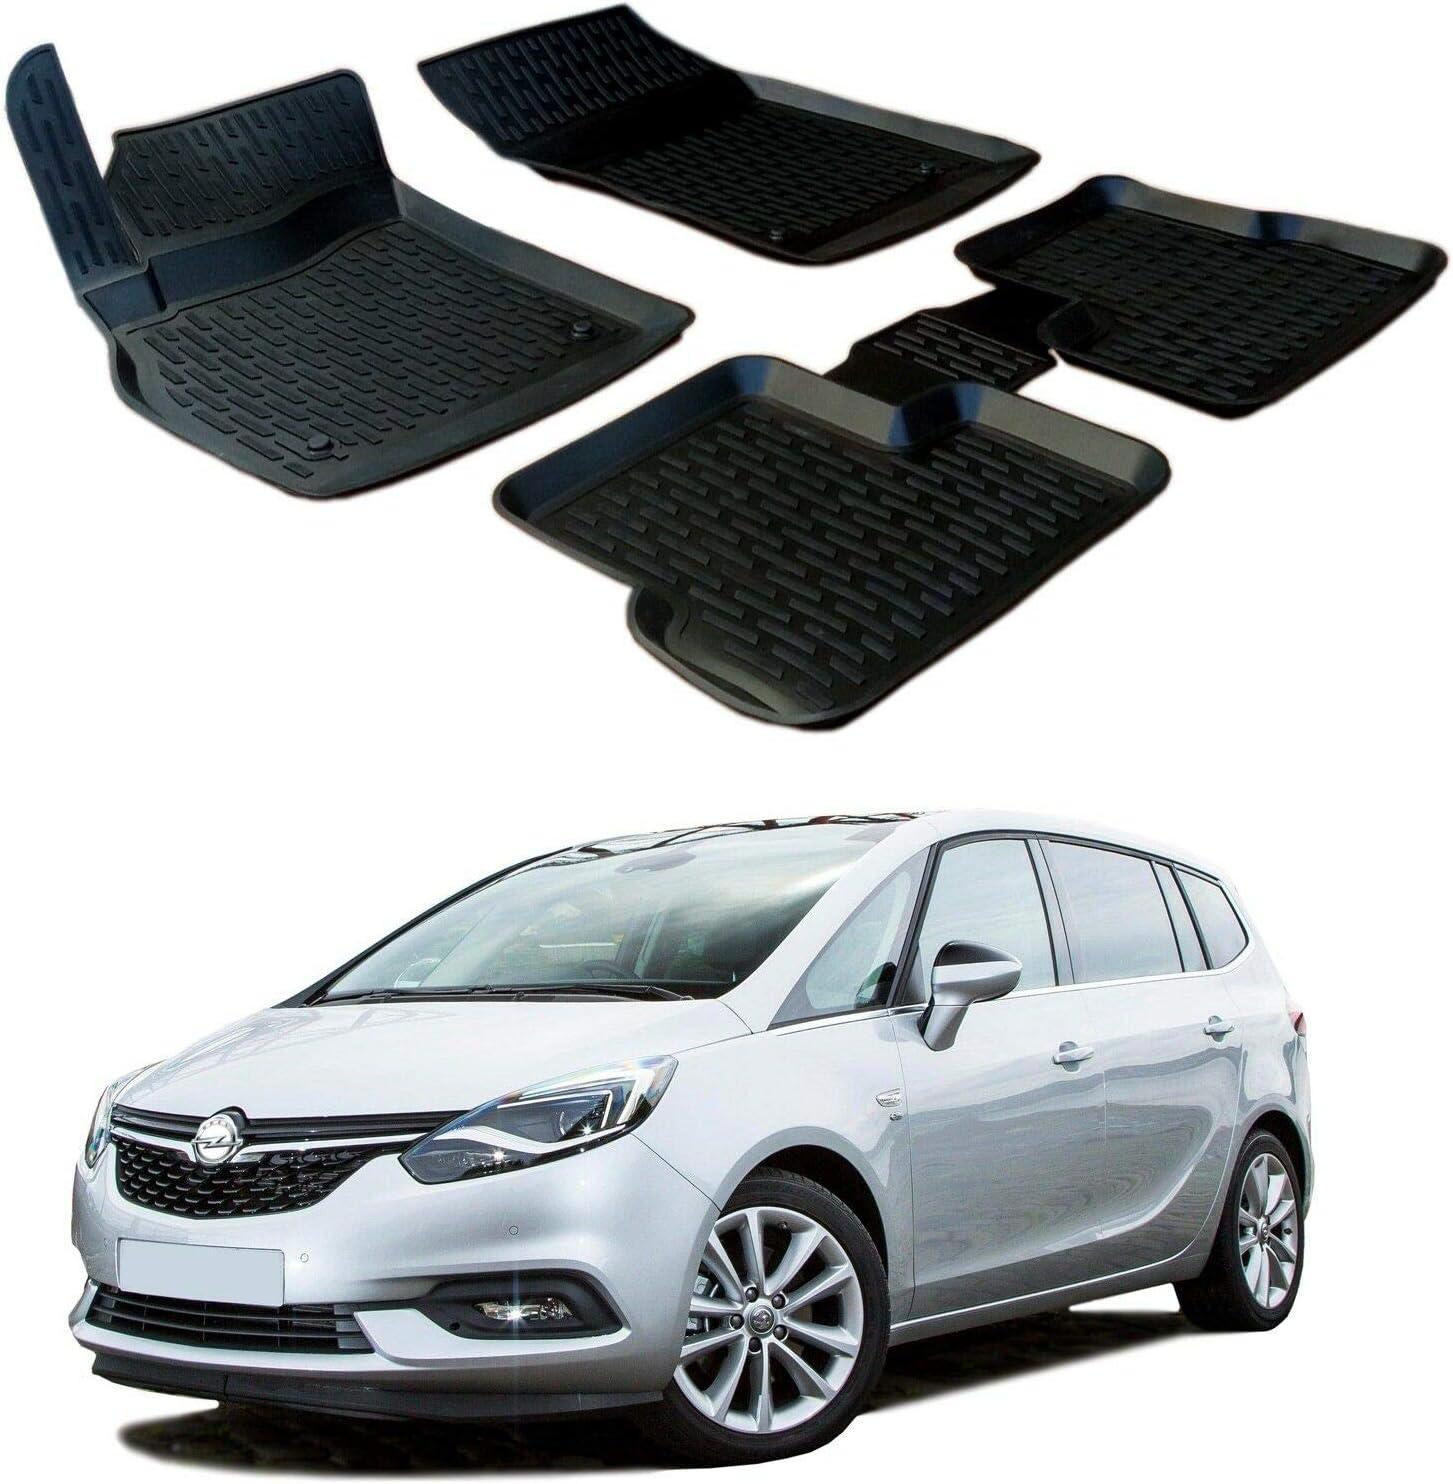 SCOUTT Alfombrillas de Goma para Opel Zafira C 2011-ad oggi 4 pezzi